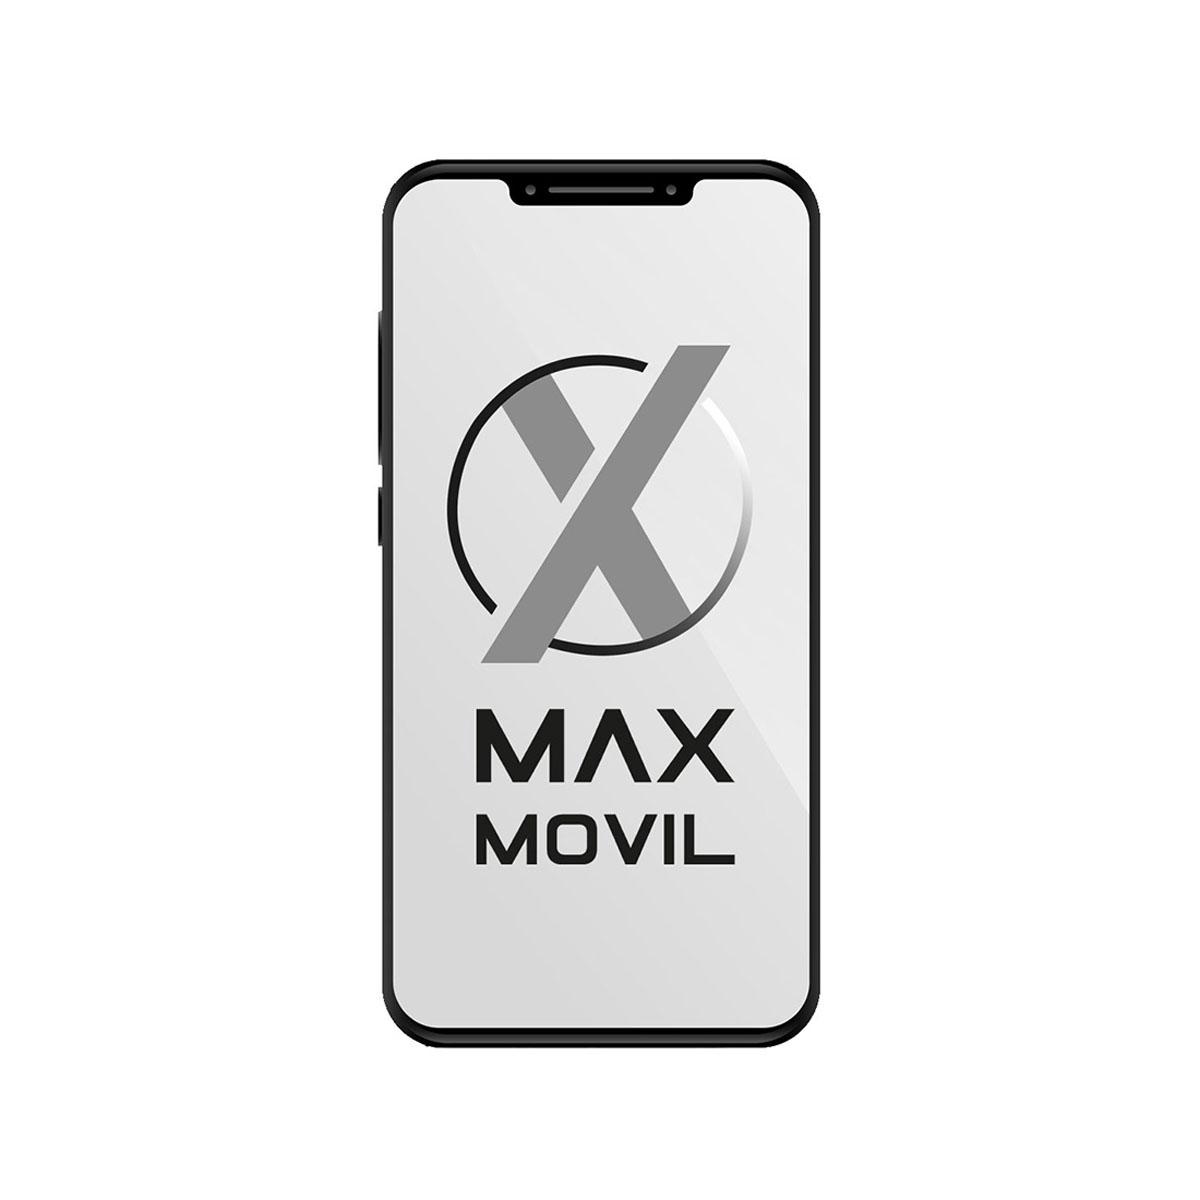 Wolder miSmart Xenior Dual SIM libre